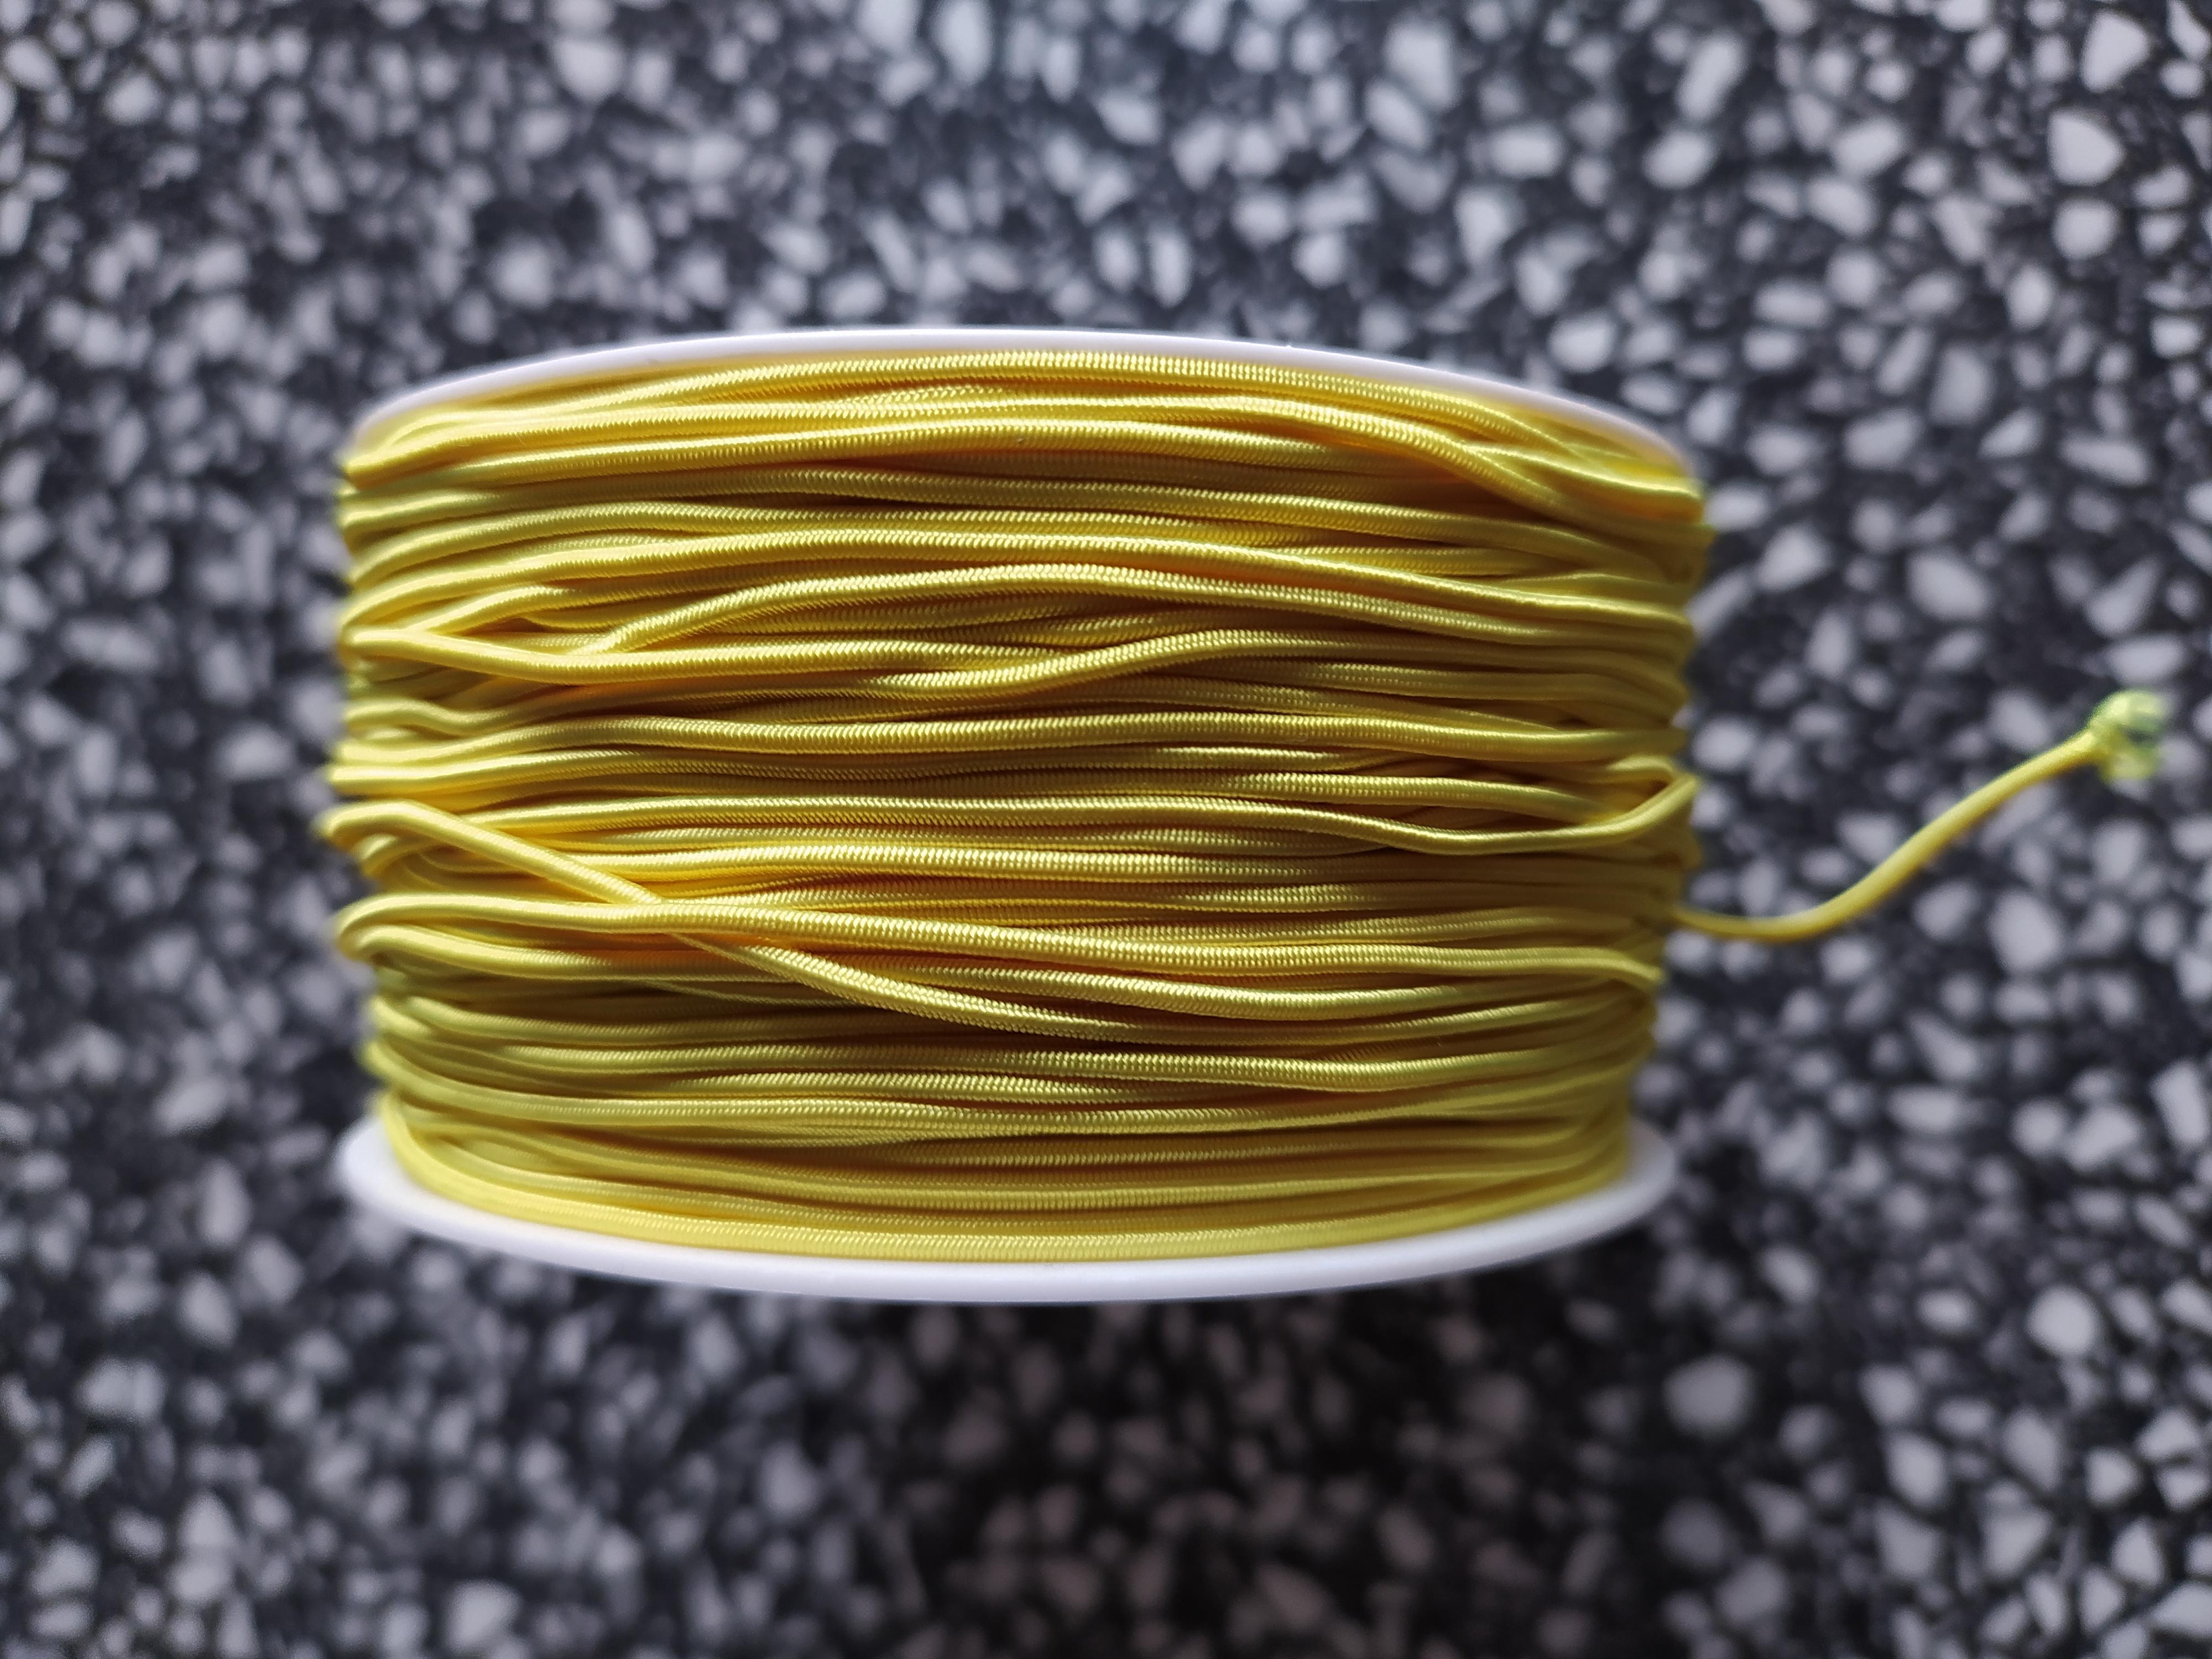 Klobouková guma 1,2 mm - karta 10 m žlutá